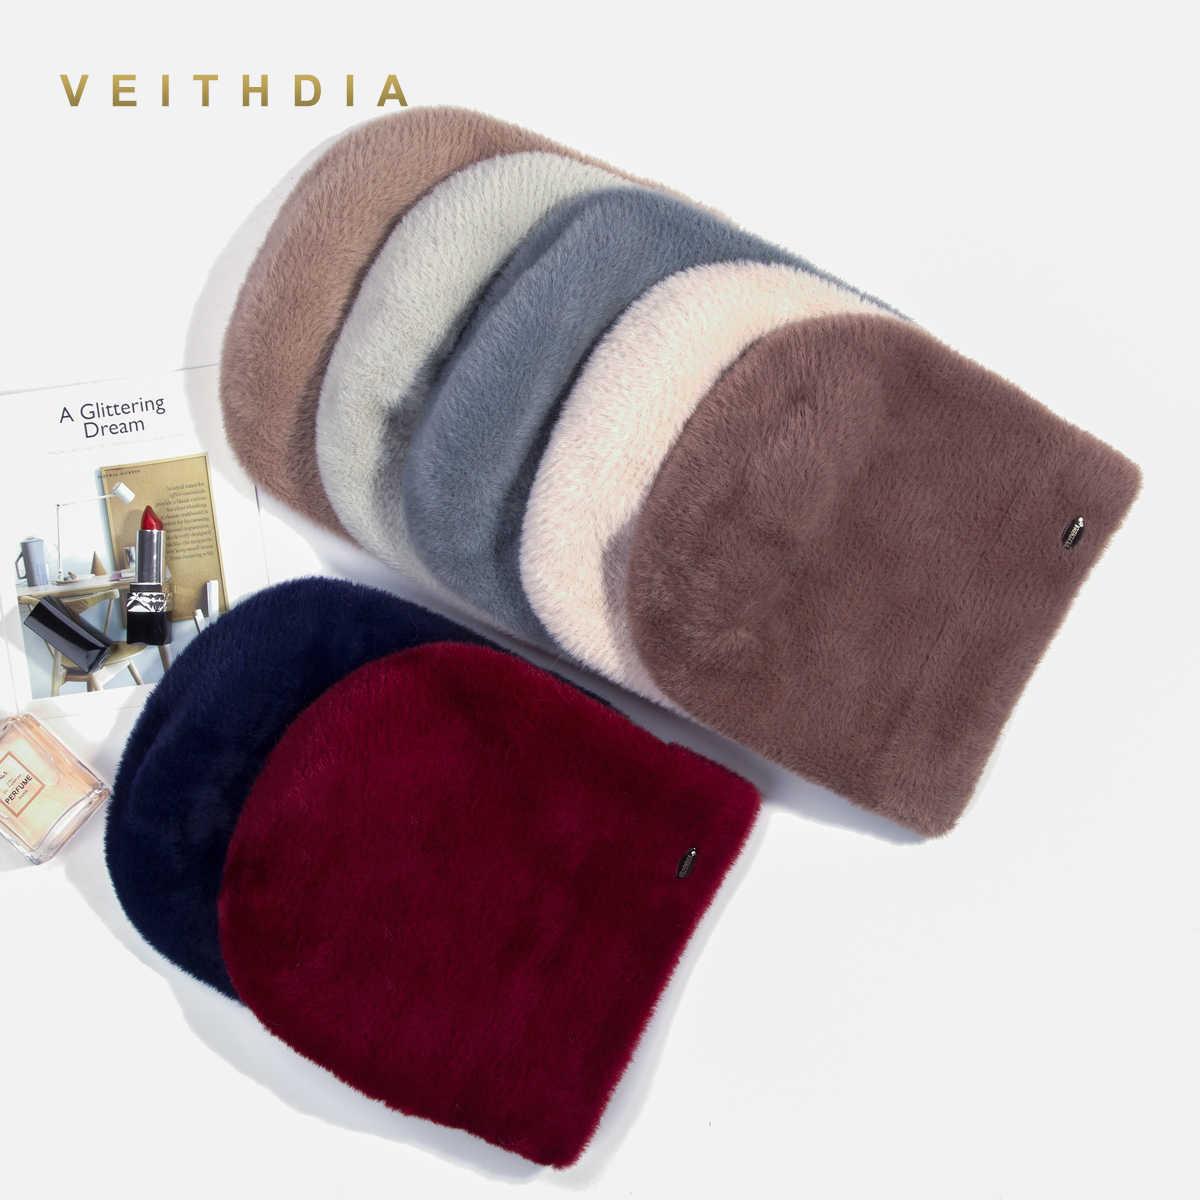 VEITHDIA คุณภาพสูงผู้หญิงหมวกฤดูหนาวหมวกแฟชั่นกระต่ายกำมะหยี่ถักเหมือน Mink หมวกขนสัตว์หญิงสาวคู่หนา Beanies